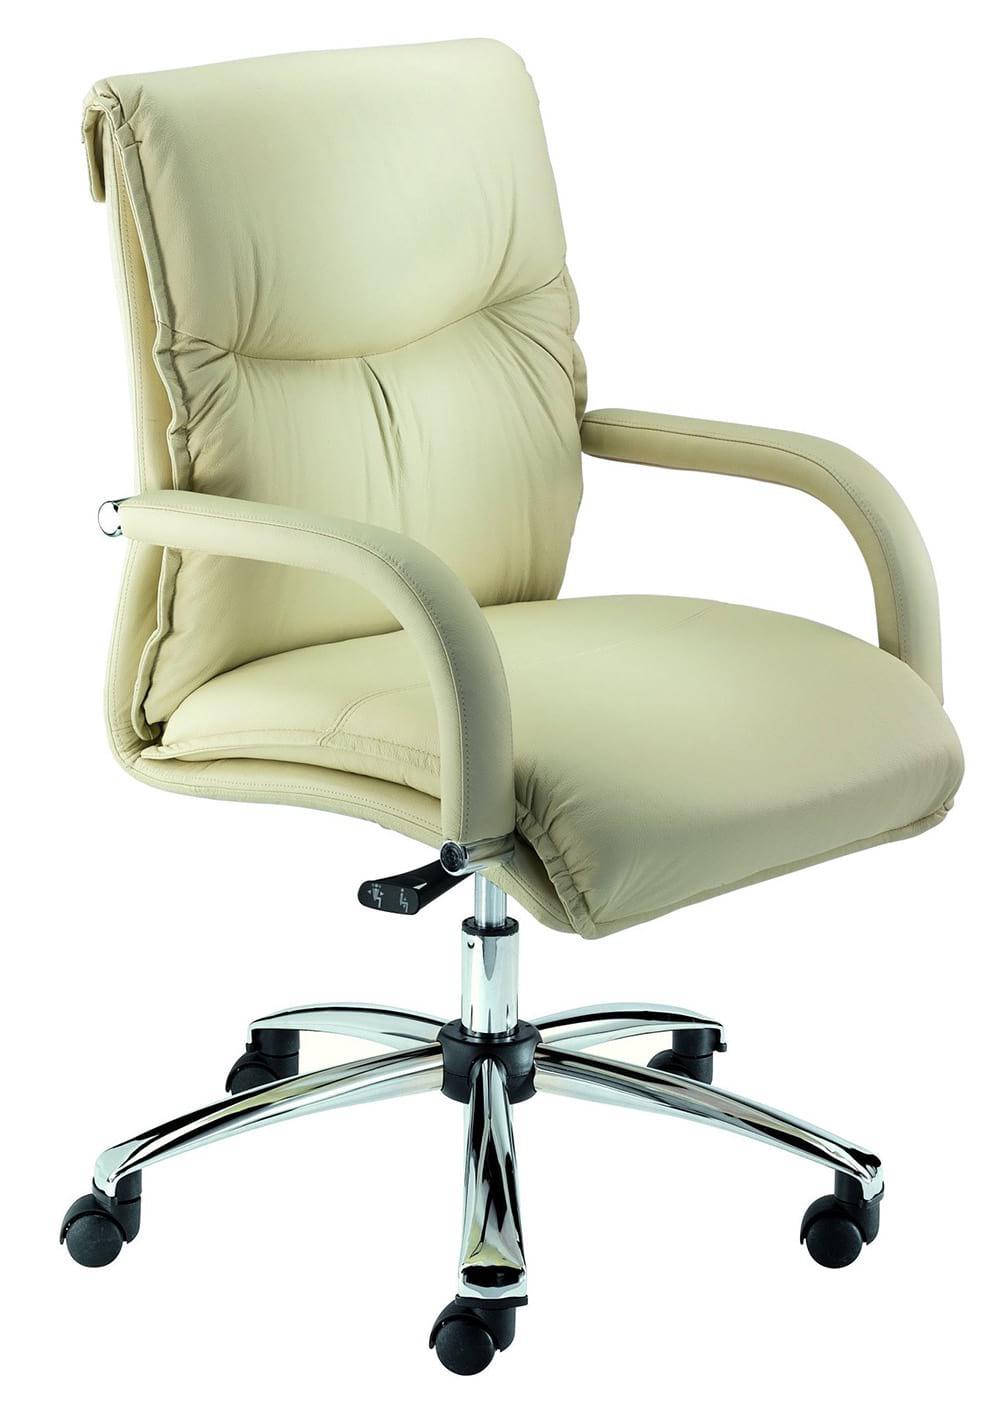 Poltrone da riunione milano vendita sedie e sedute per for Sedie per ufficio milano